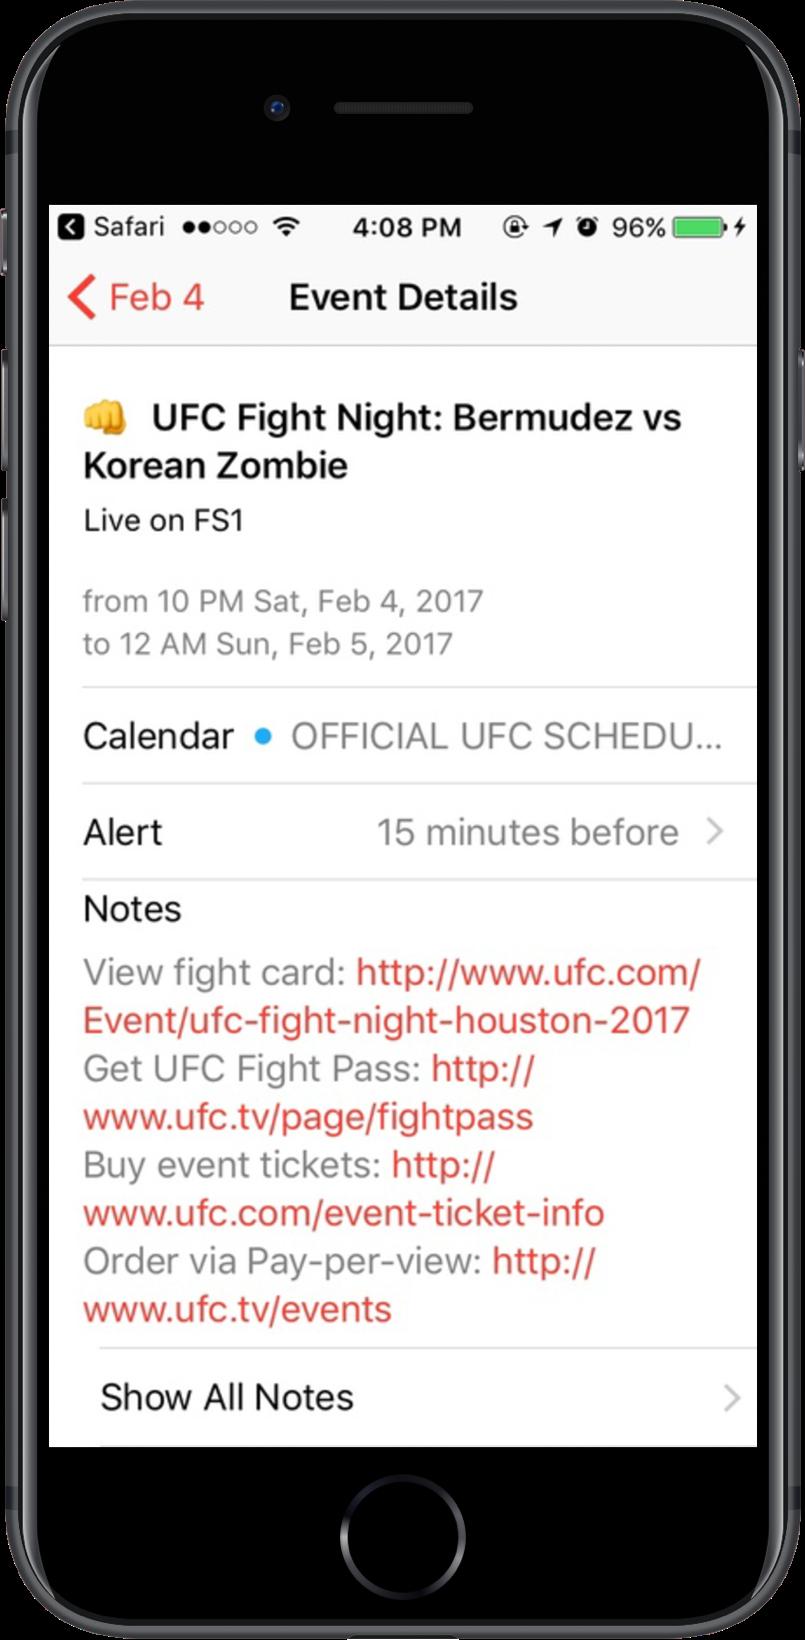 UFC_iphone7jetblack_portrait copy.png